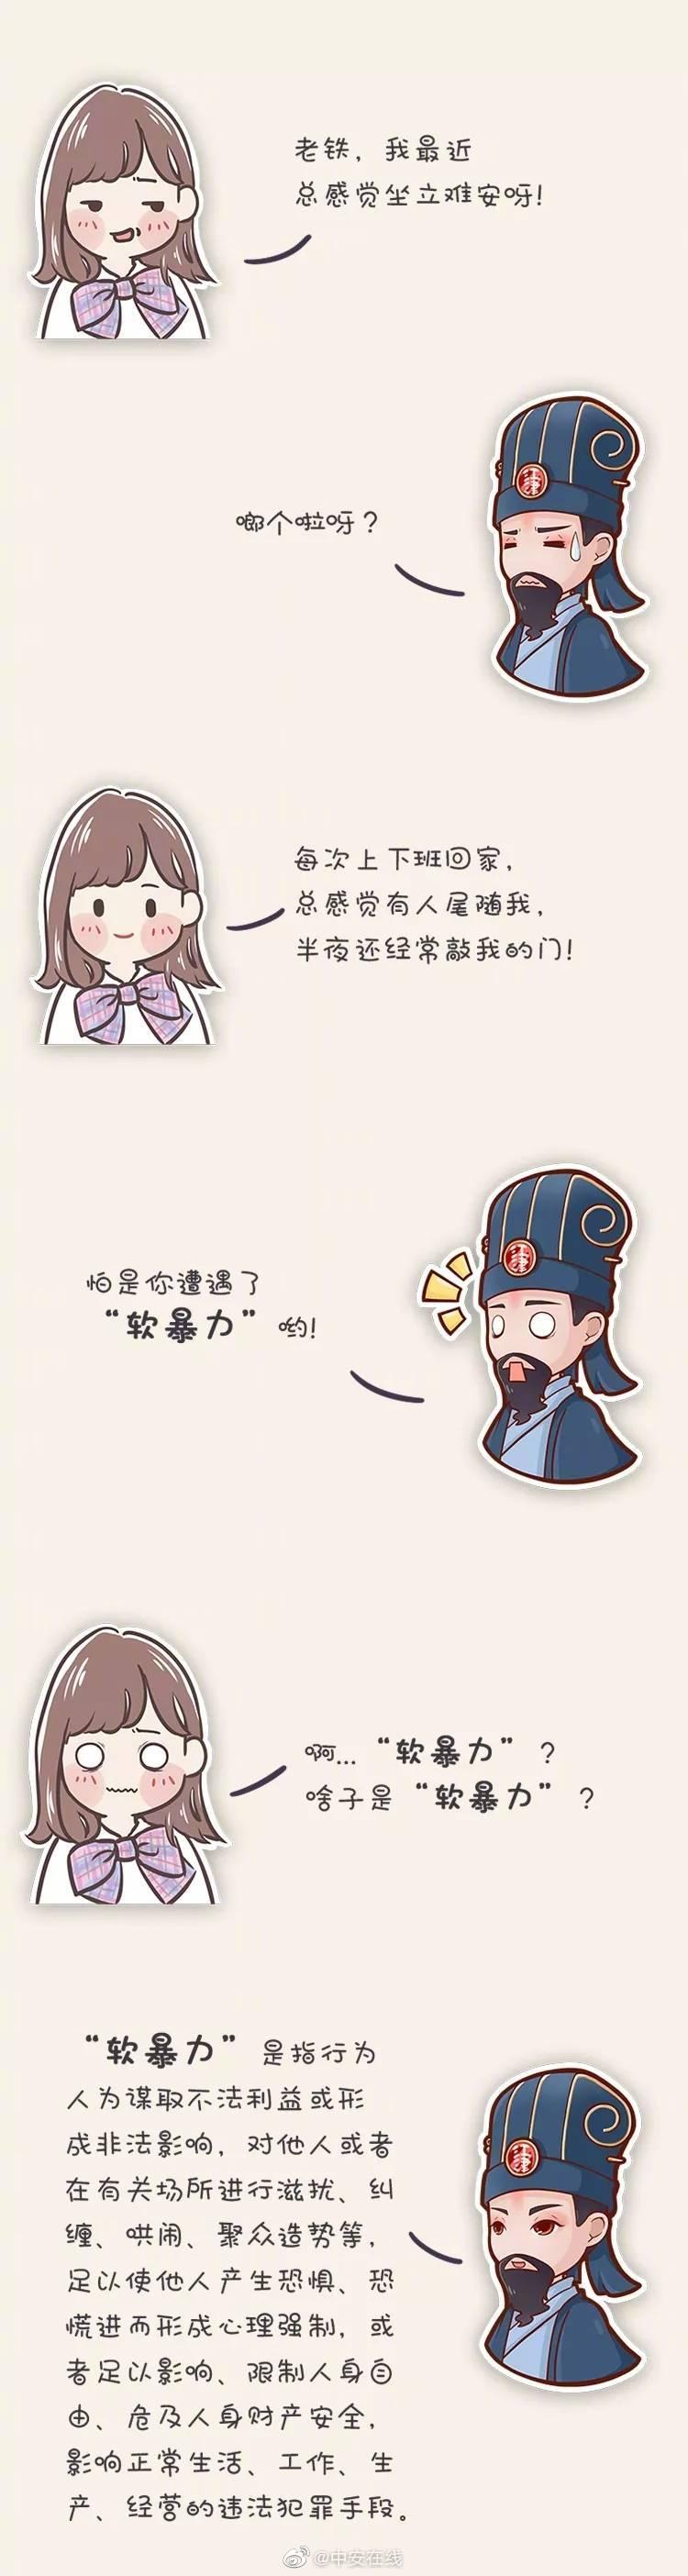 西川结衣中文手机在线观看